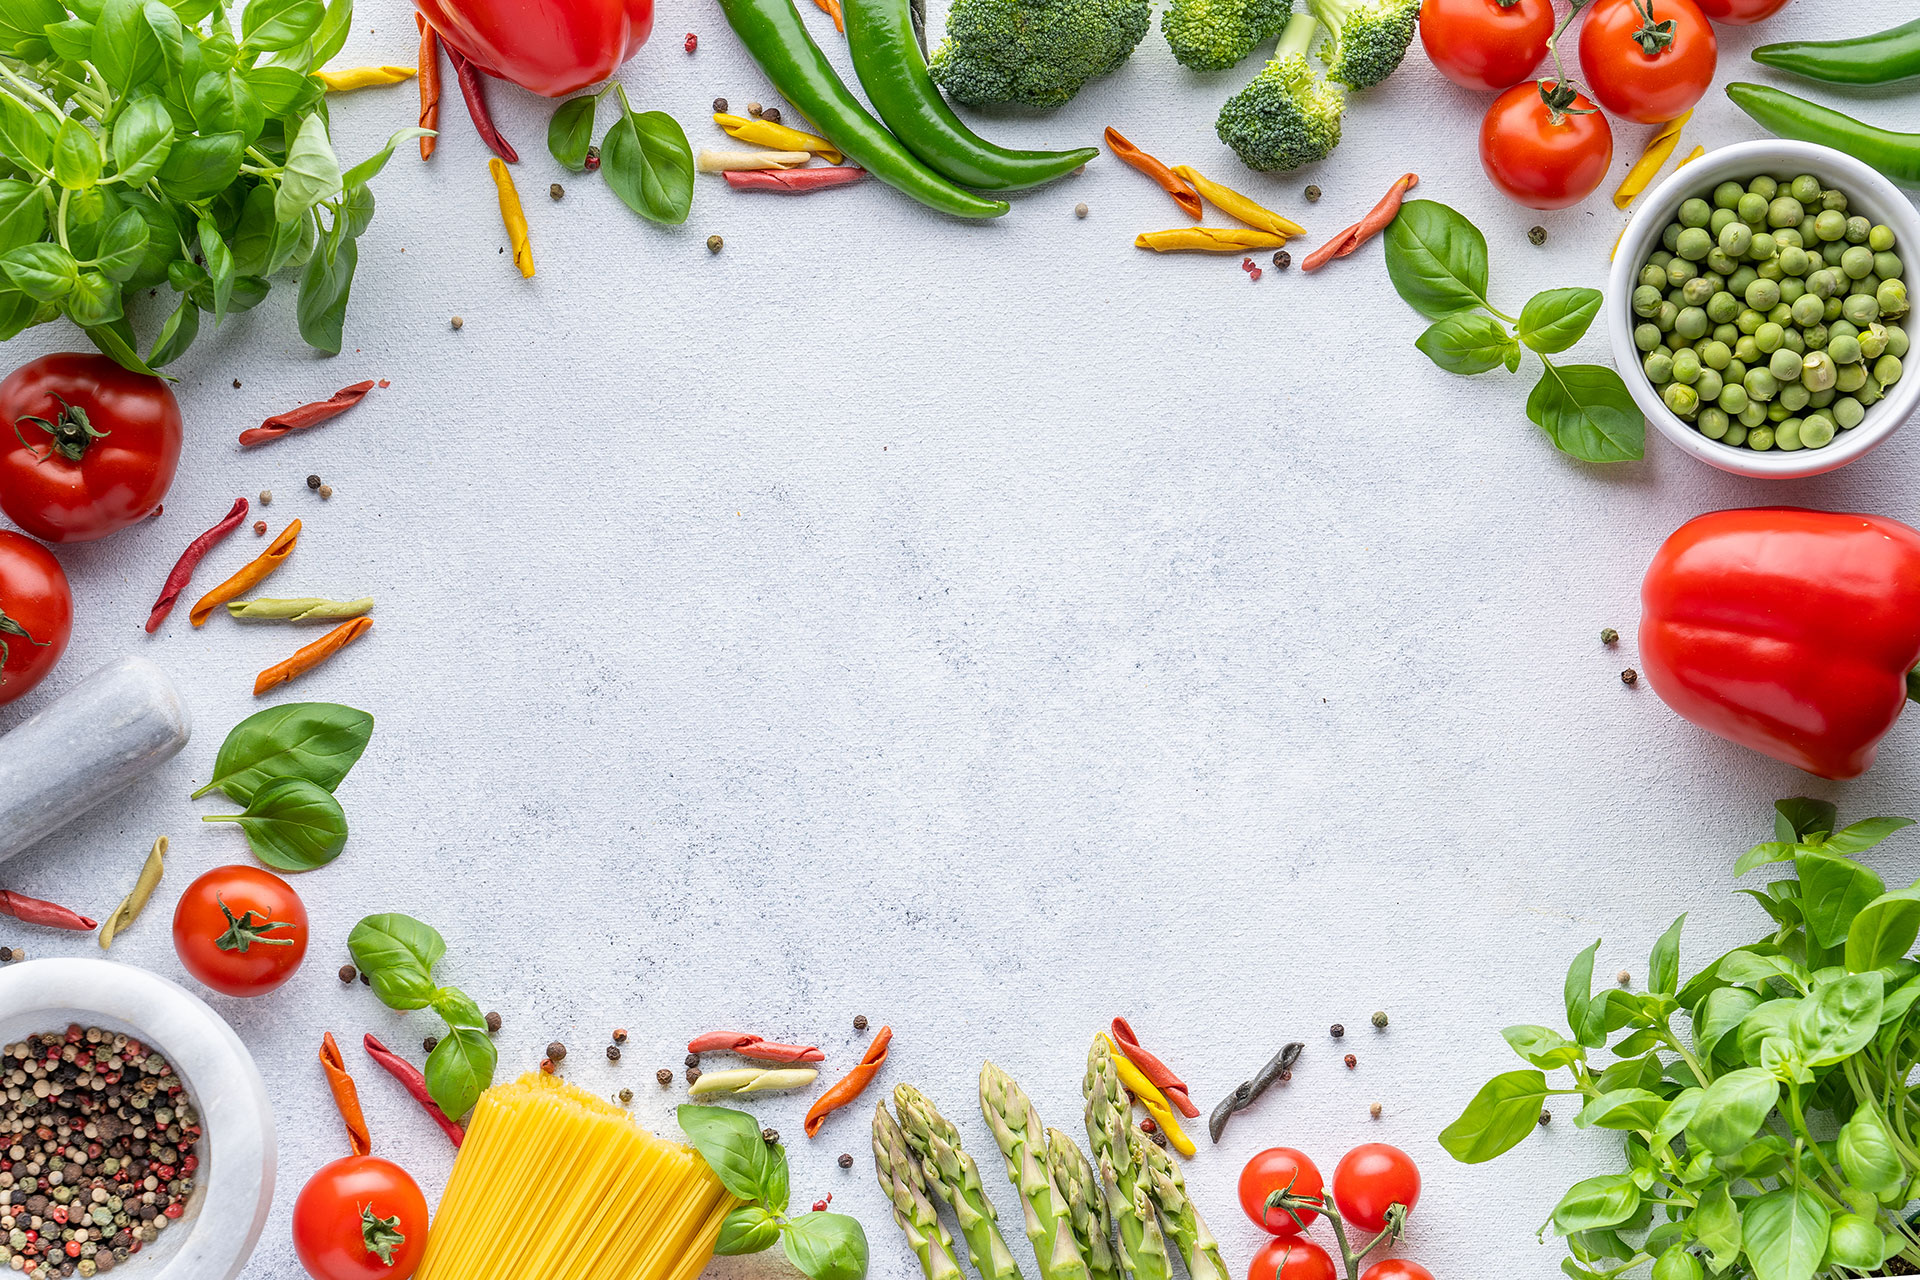 Zelenina a bylinky naaranžované na stole